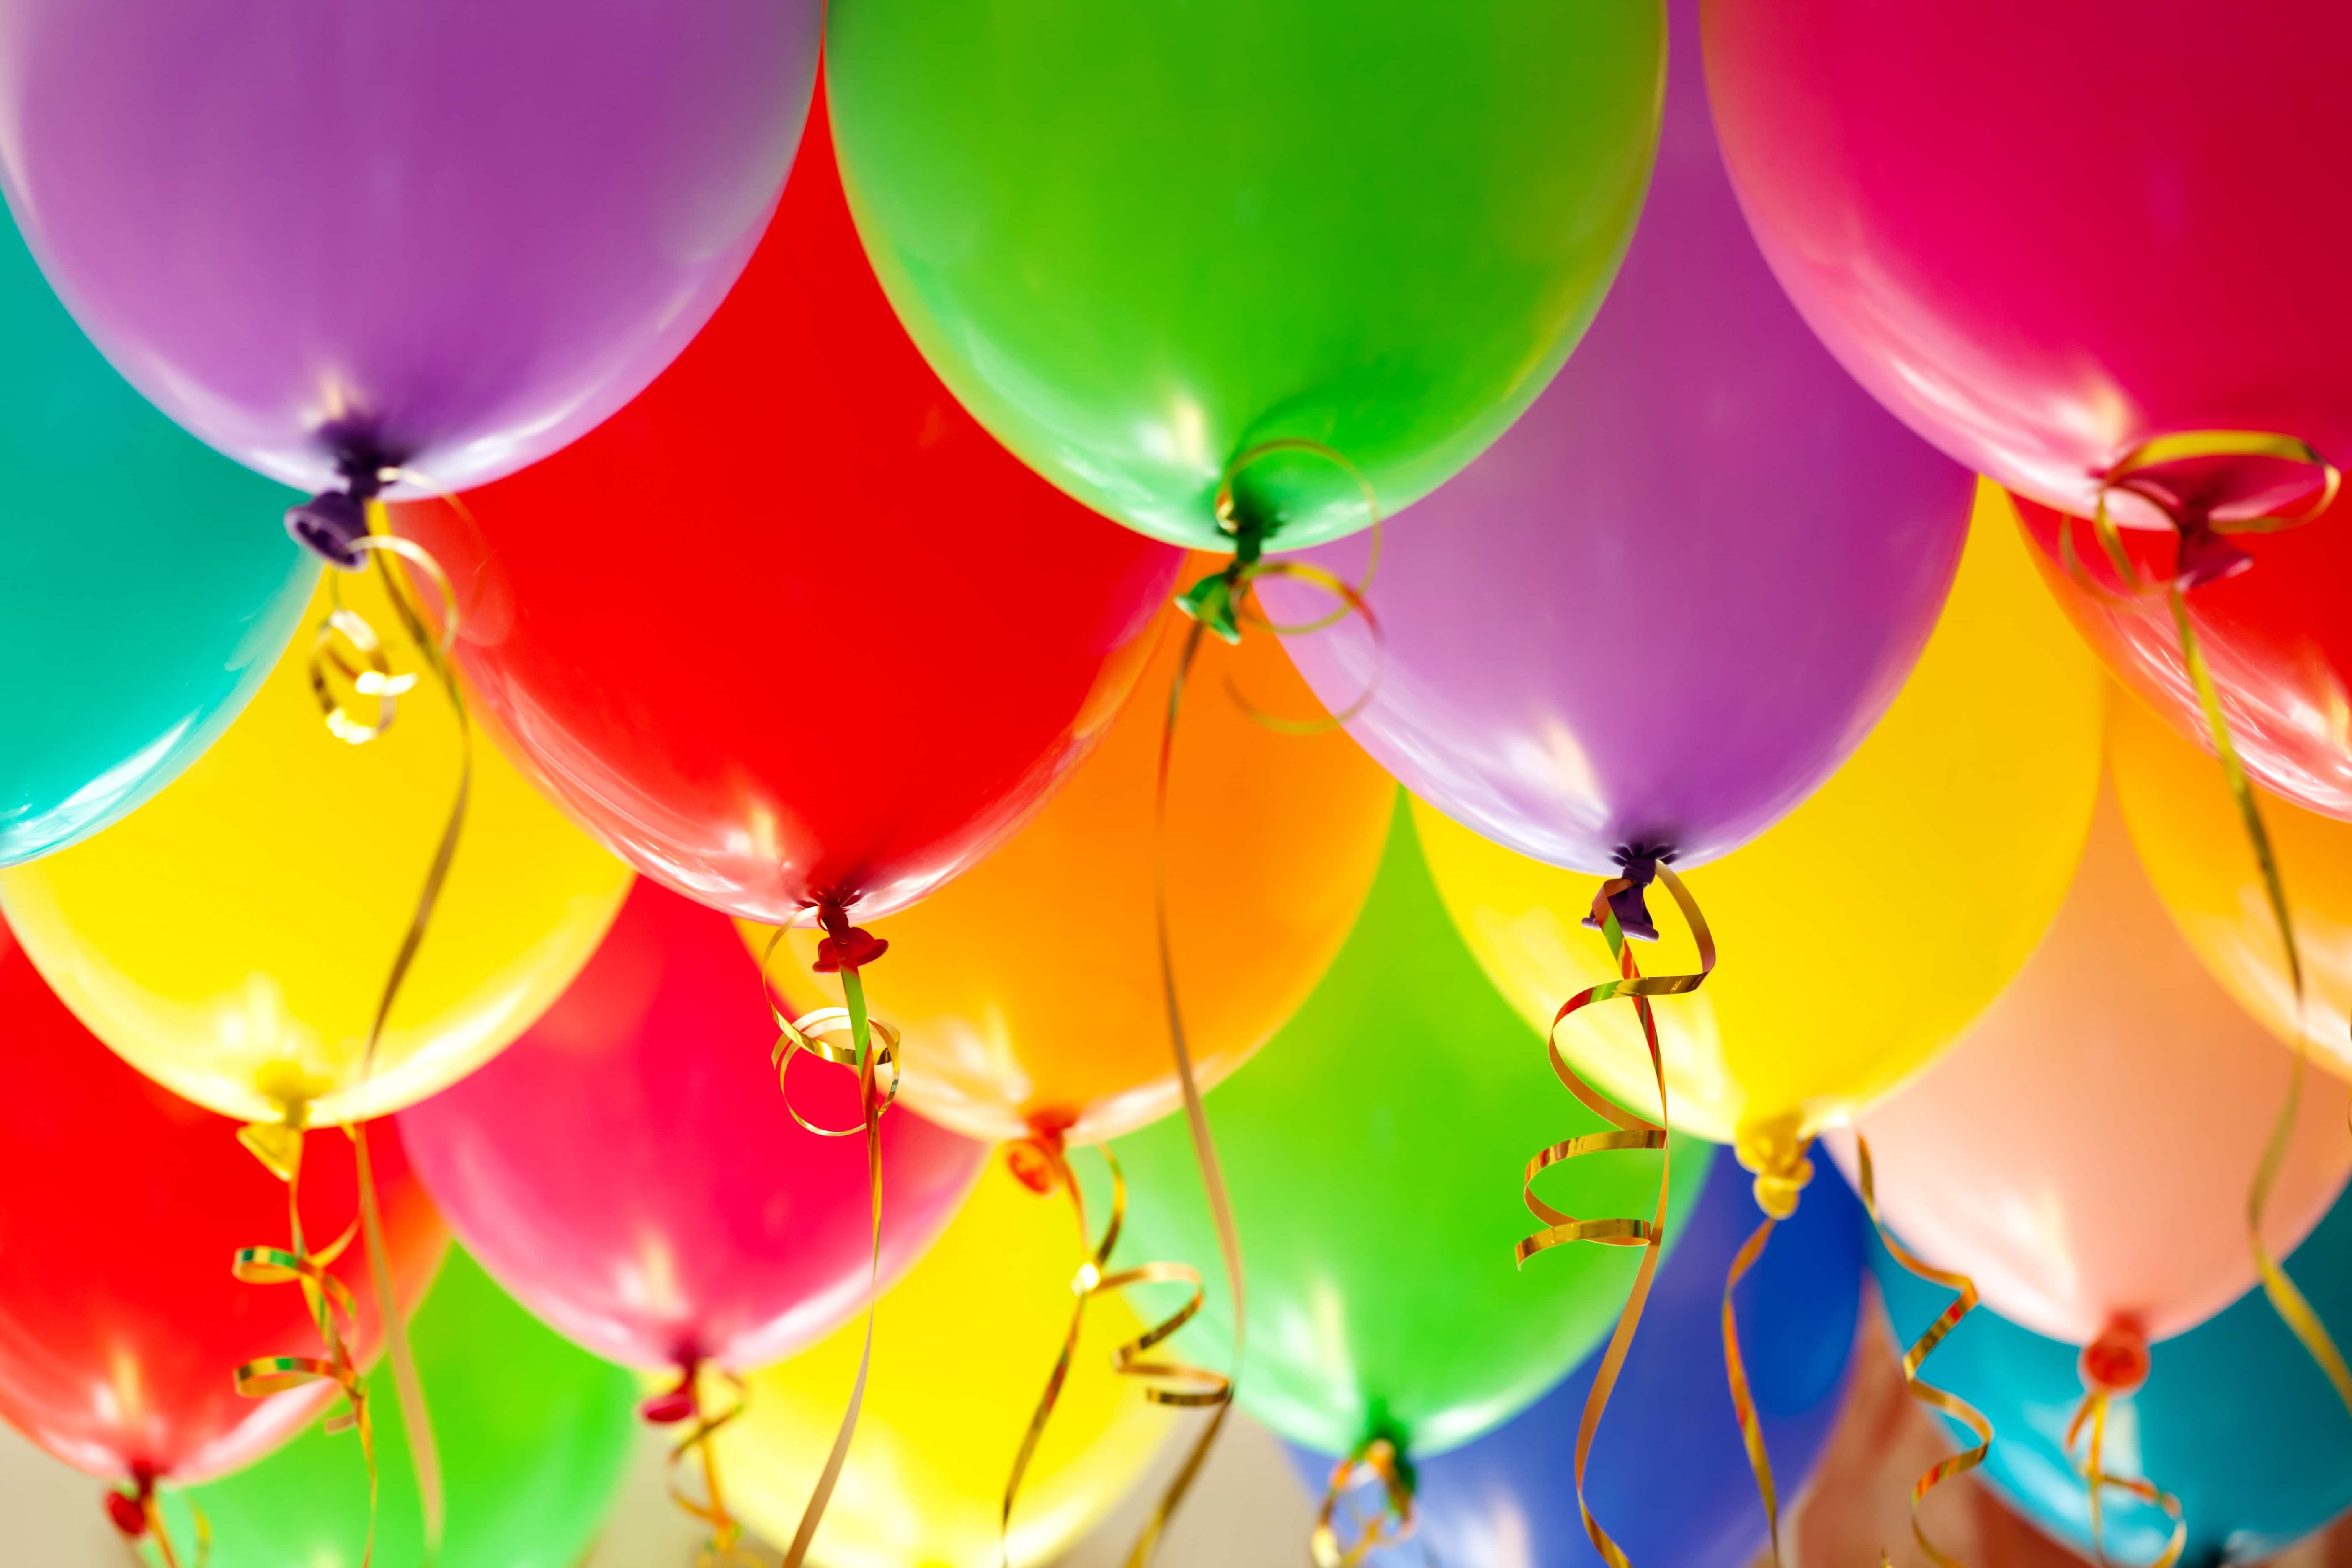 Happy Birthday! Free Rock Climbing Birthday Party Invitations